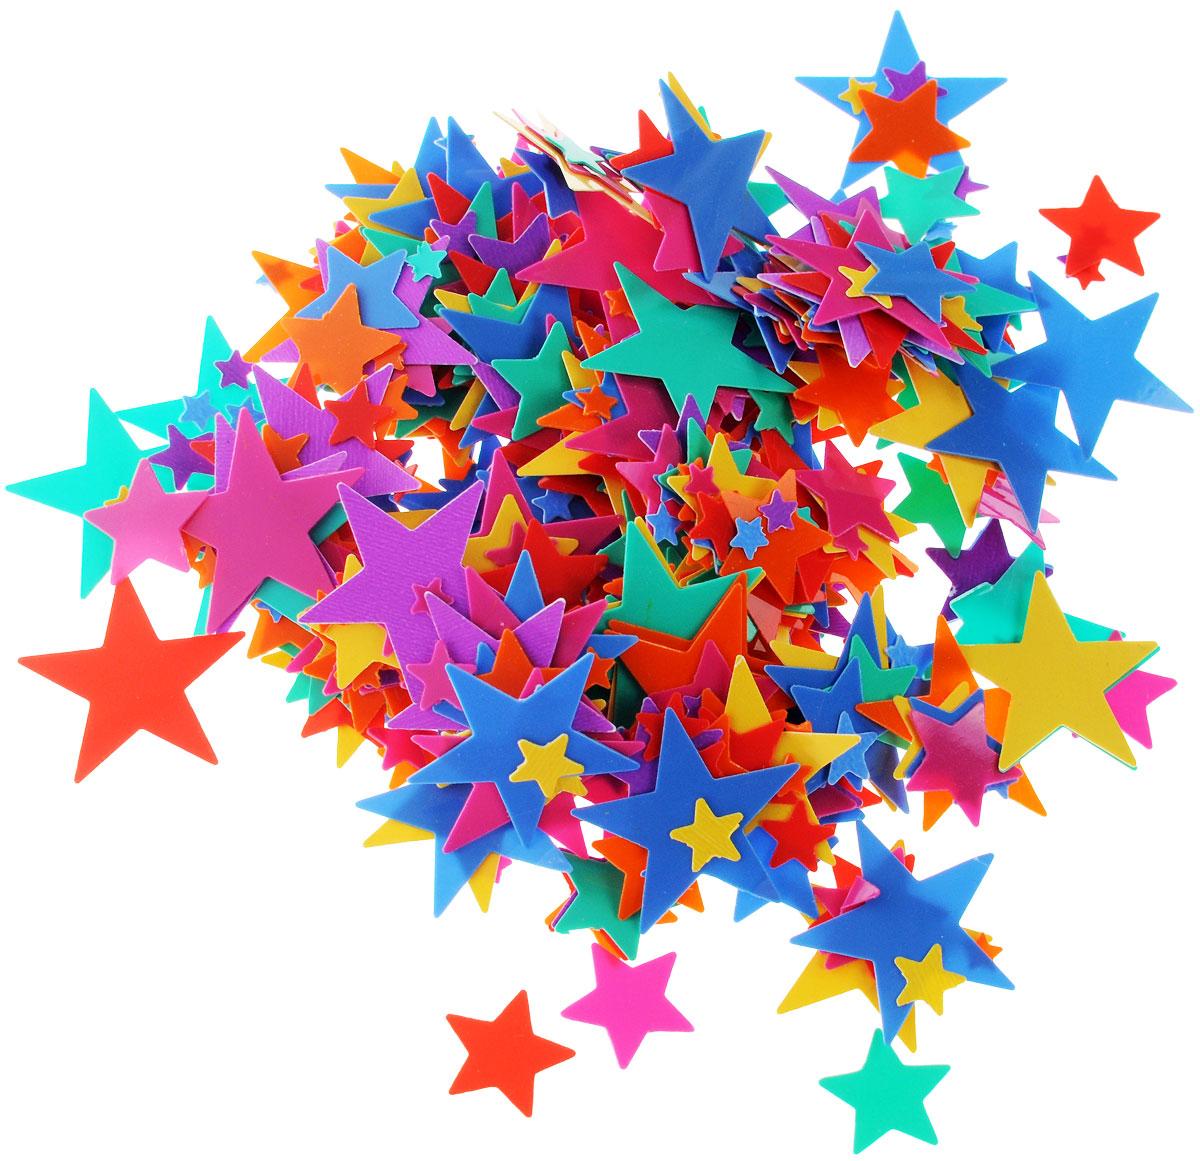 """Конфетти Веселая затея """"Разноцветные звезды"""" - неотъемлемый атрибут праздников, триумфальных шествий, а  также свадебных торжеств. Выполнено из прочного материала в форме разноцветных звездочек.Конфетти  осыпают друг друга участники празднеств или его сбрасывают сверху. Конфетти, рассыпанное на столе, является  необычной и привлекательной формой украшения праздничного застолья. Еще один оригинальный способ  порадовать друзей и близких - насыпьте конфетти в конверт с открыткой - это будет неожиданный сюрприз! Это чудесное украшение принесет в ваш дом или офис незабываемую атмосферу праздничного веселья!"""